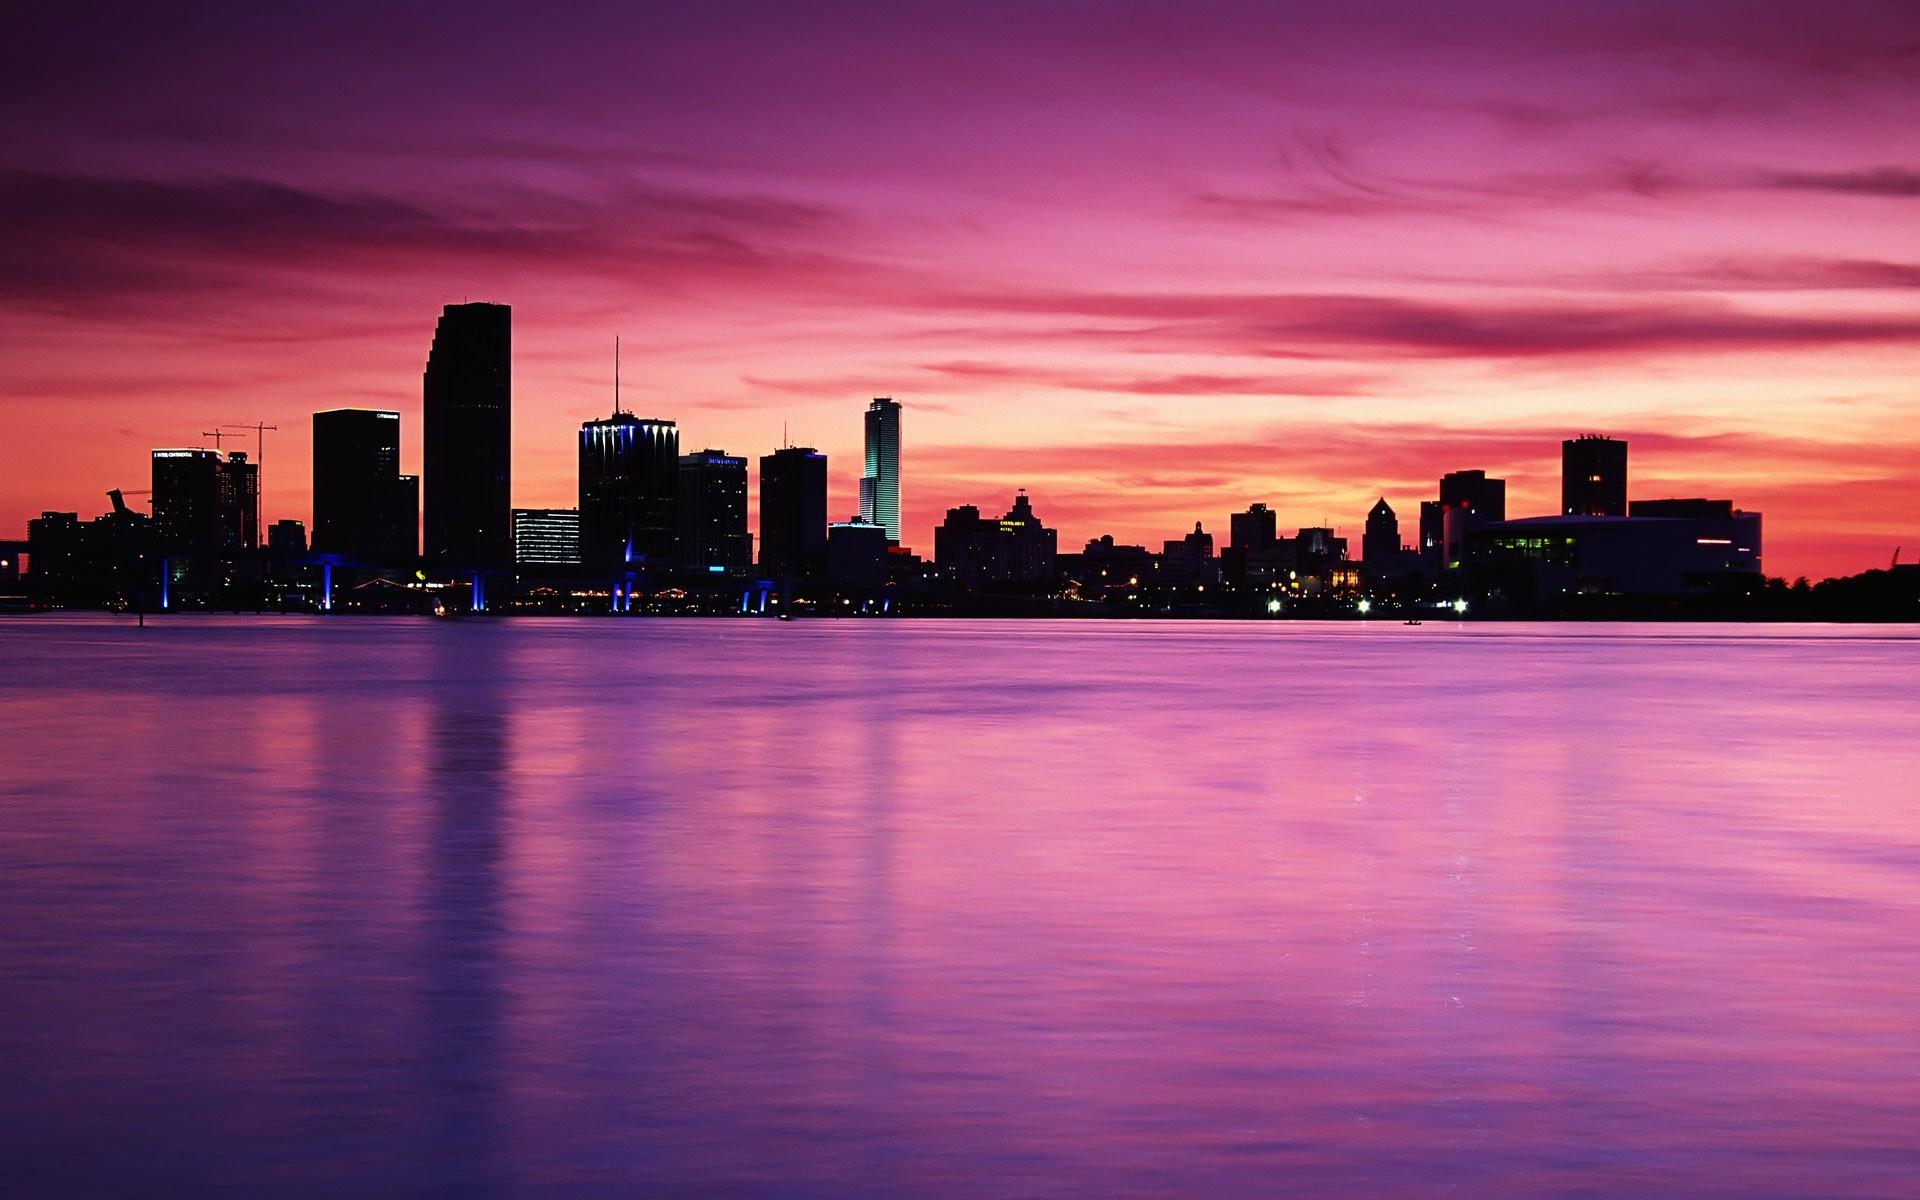 картинки город закат высокое качество выставочном зале